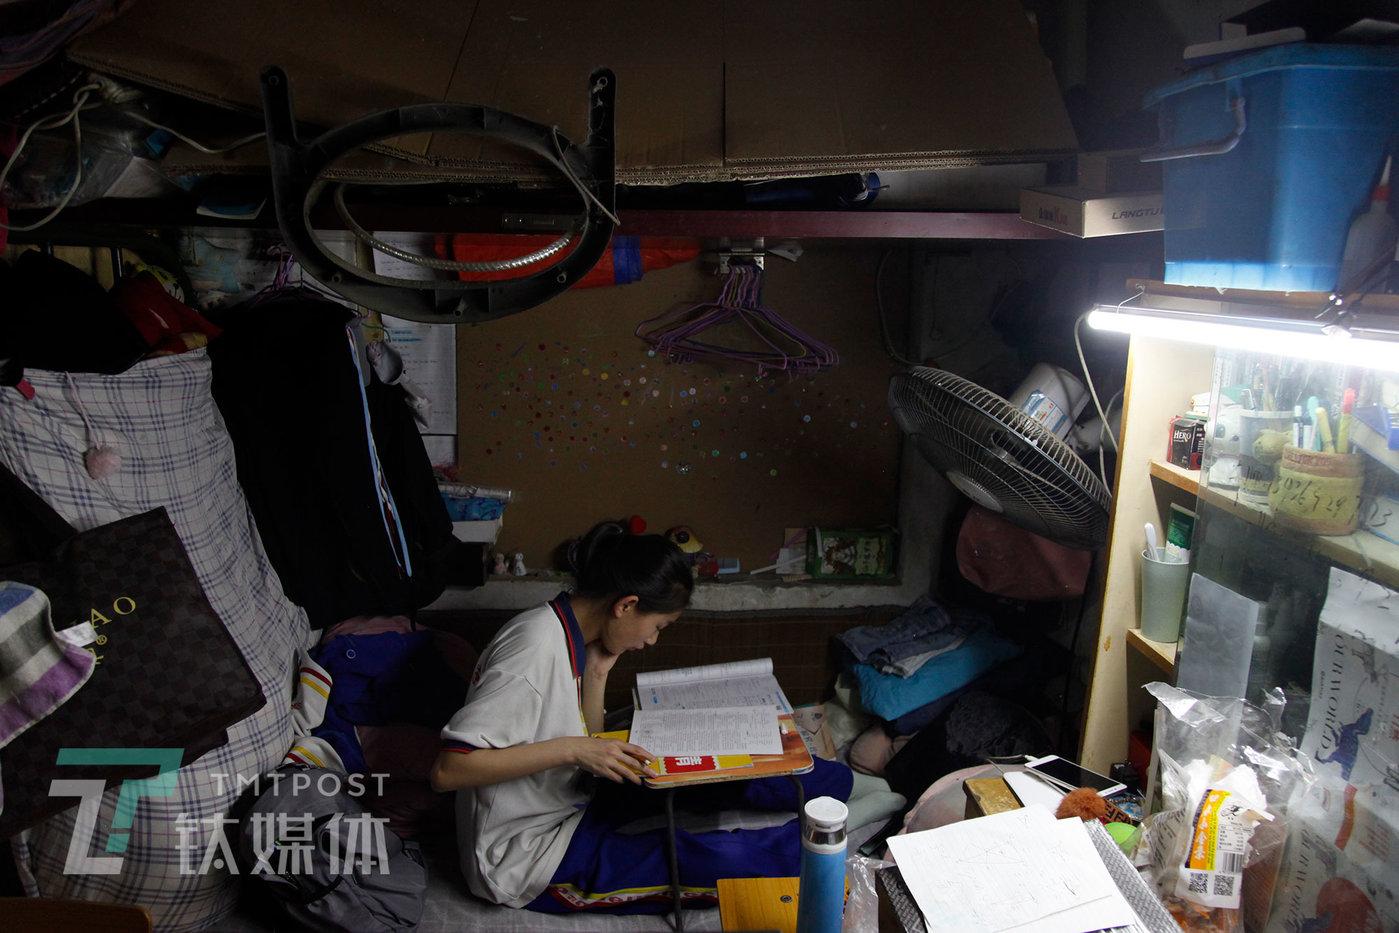 5月17日,北京是丰台区大红门,曾祺在家做作业。她说,只想努力学习,让家人生活得更好。